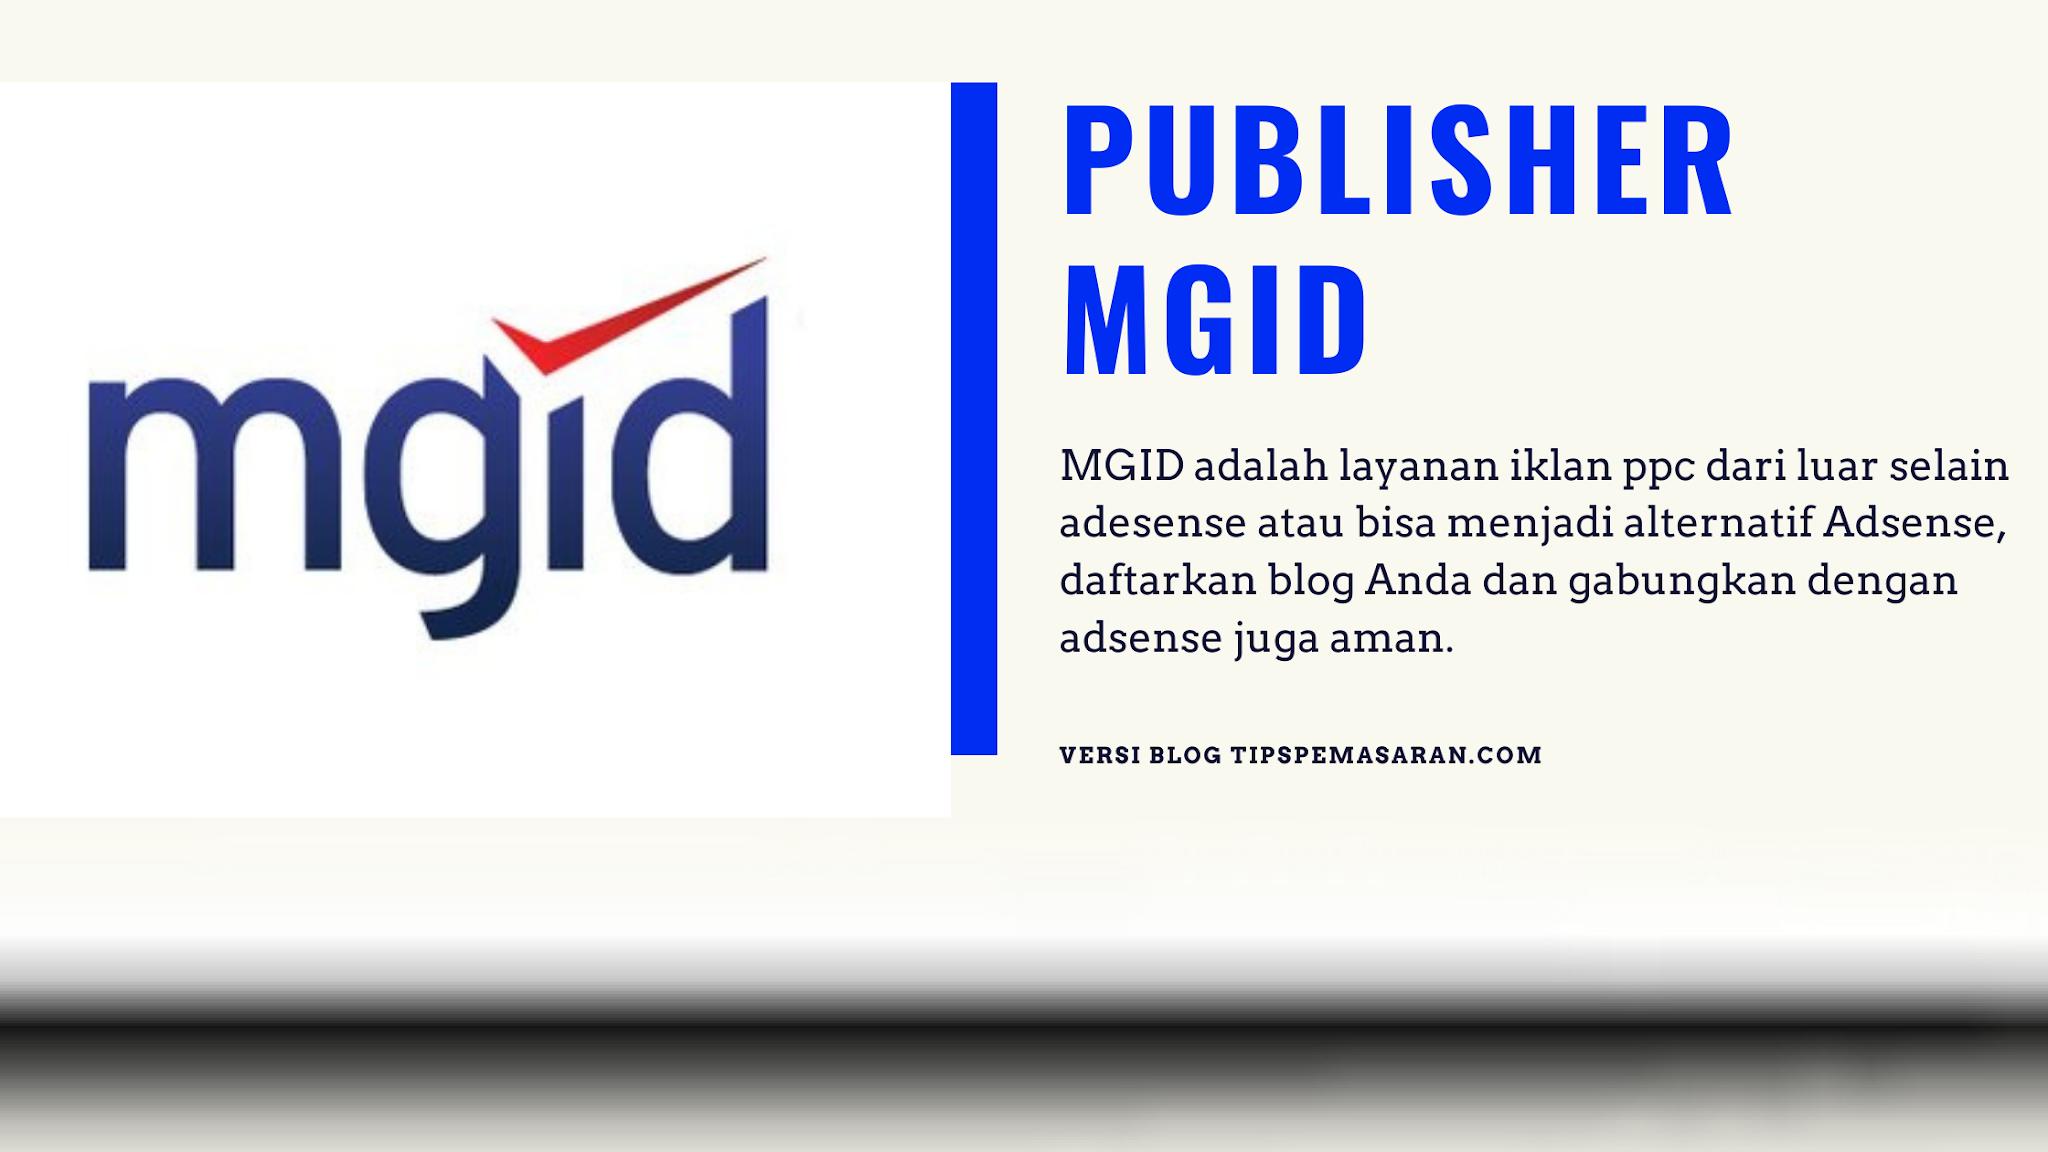 Pengalaman Blog Di terima MGID Dan Ciptakan Penghasilan Dari Blog Selain Adsense